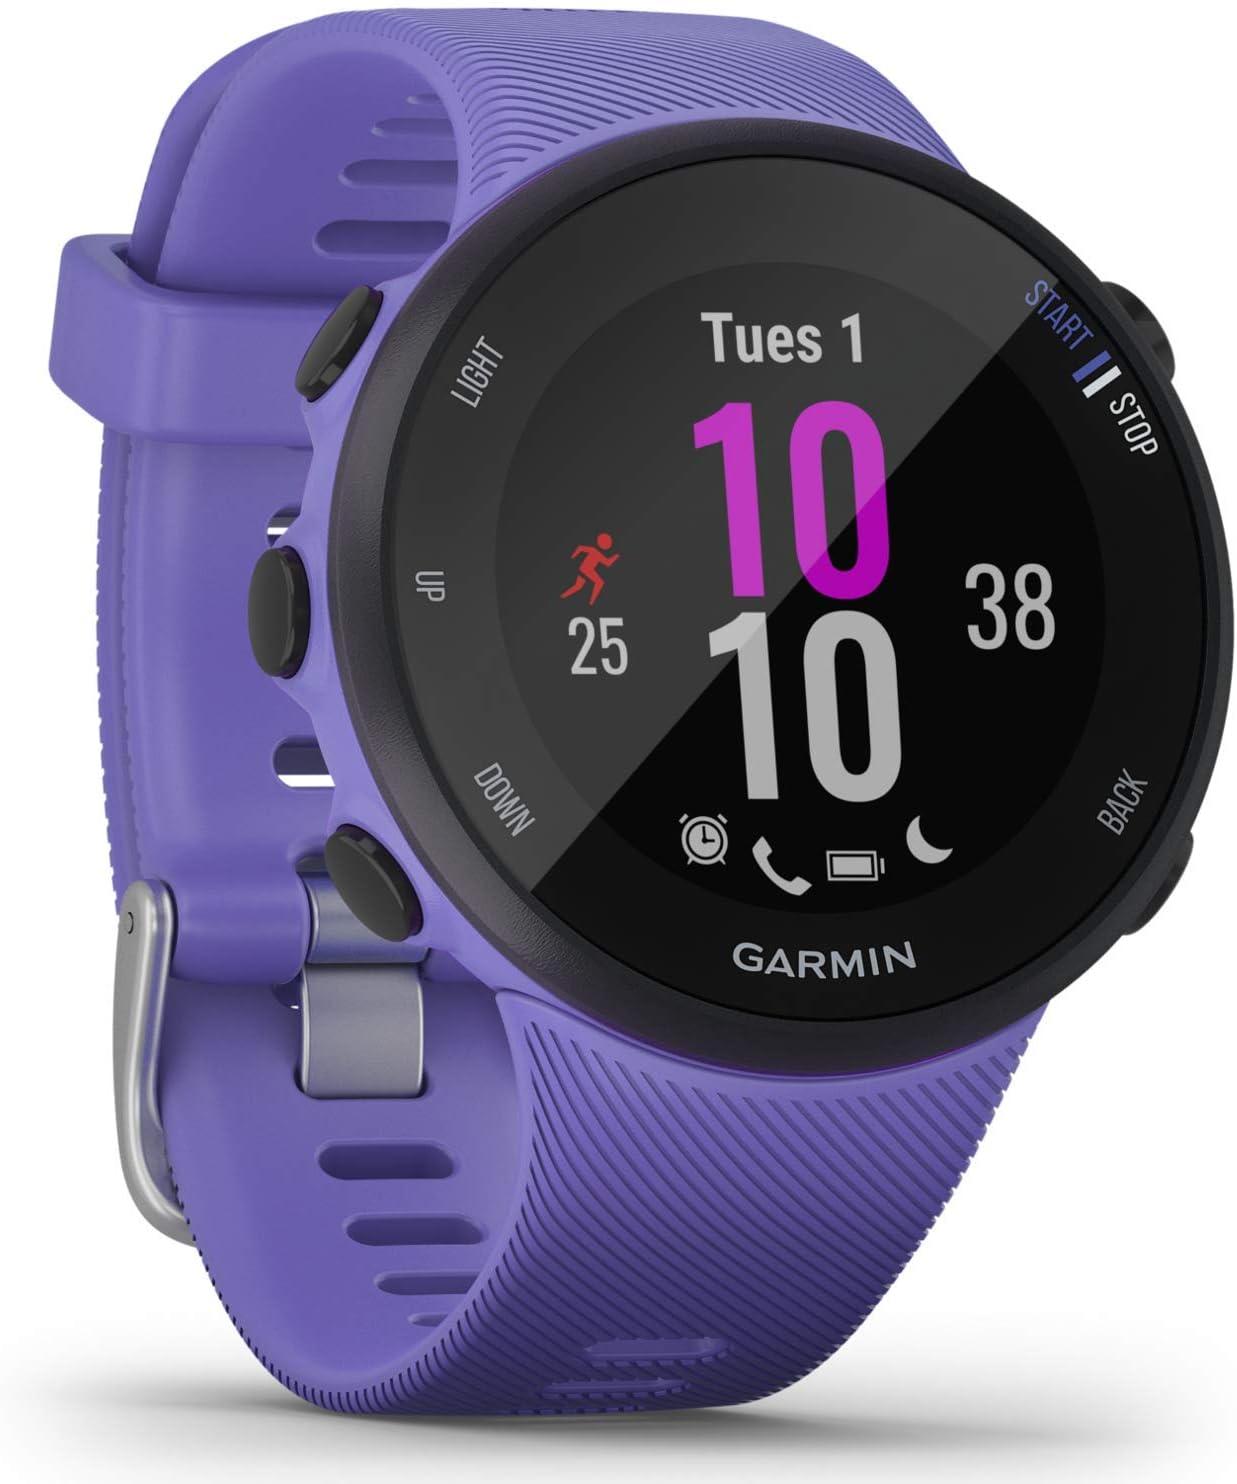 Garmin Forerunner 45 45 S Gps Running Watch In Slim And Lightweight Design Training Plans Fitness Tracker S Sport Freizeit